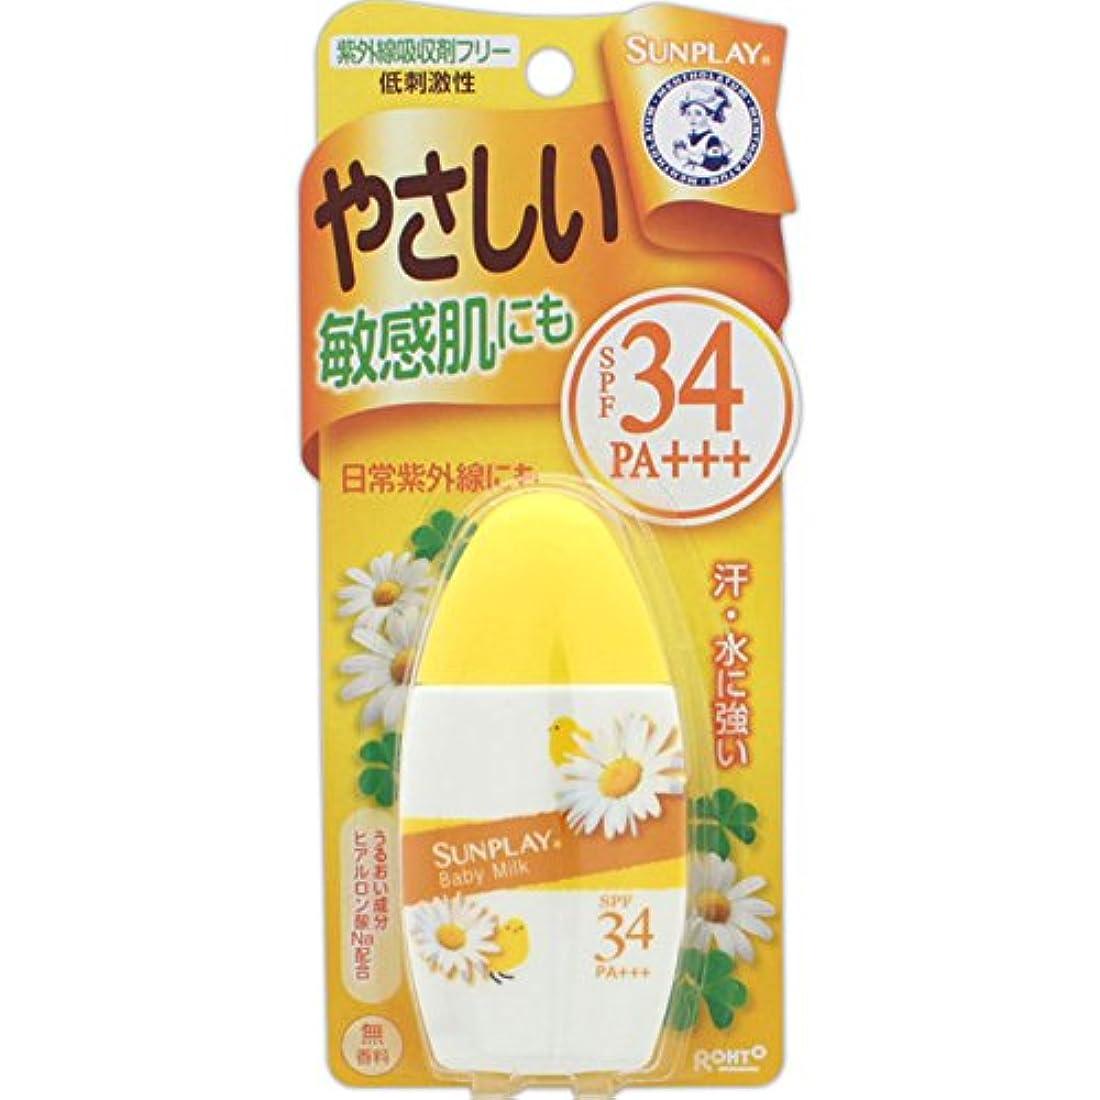 レイア塩マガジンメンソレータム サンプレイ ベビーミルク 低刺激性 SPF34 PA+++ 30g